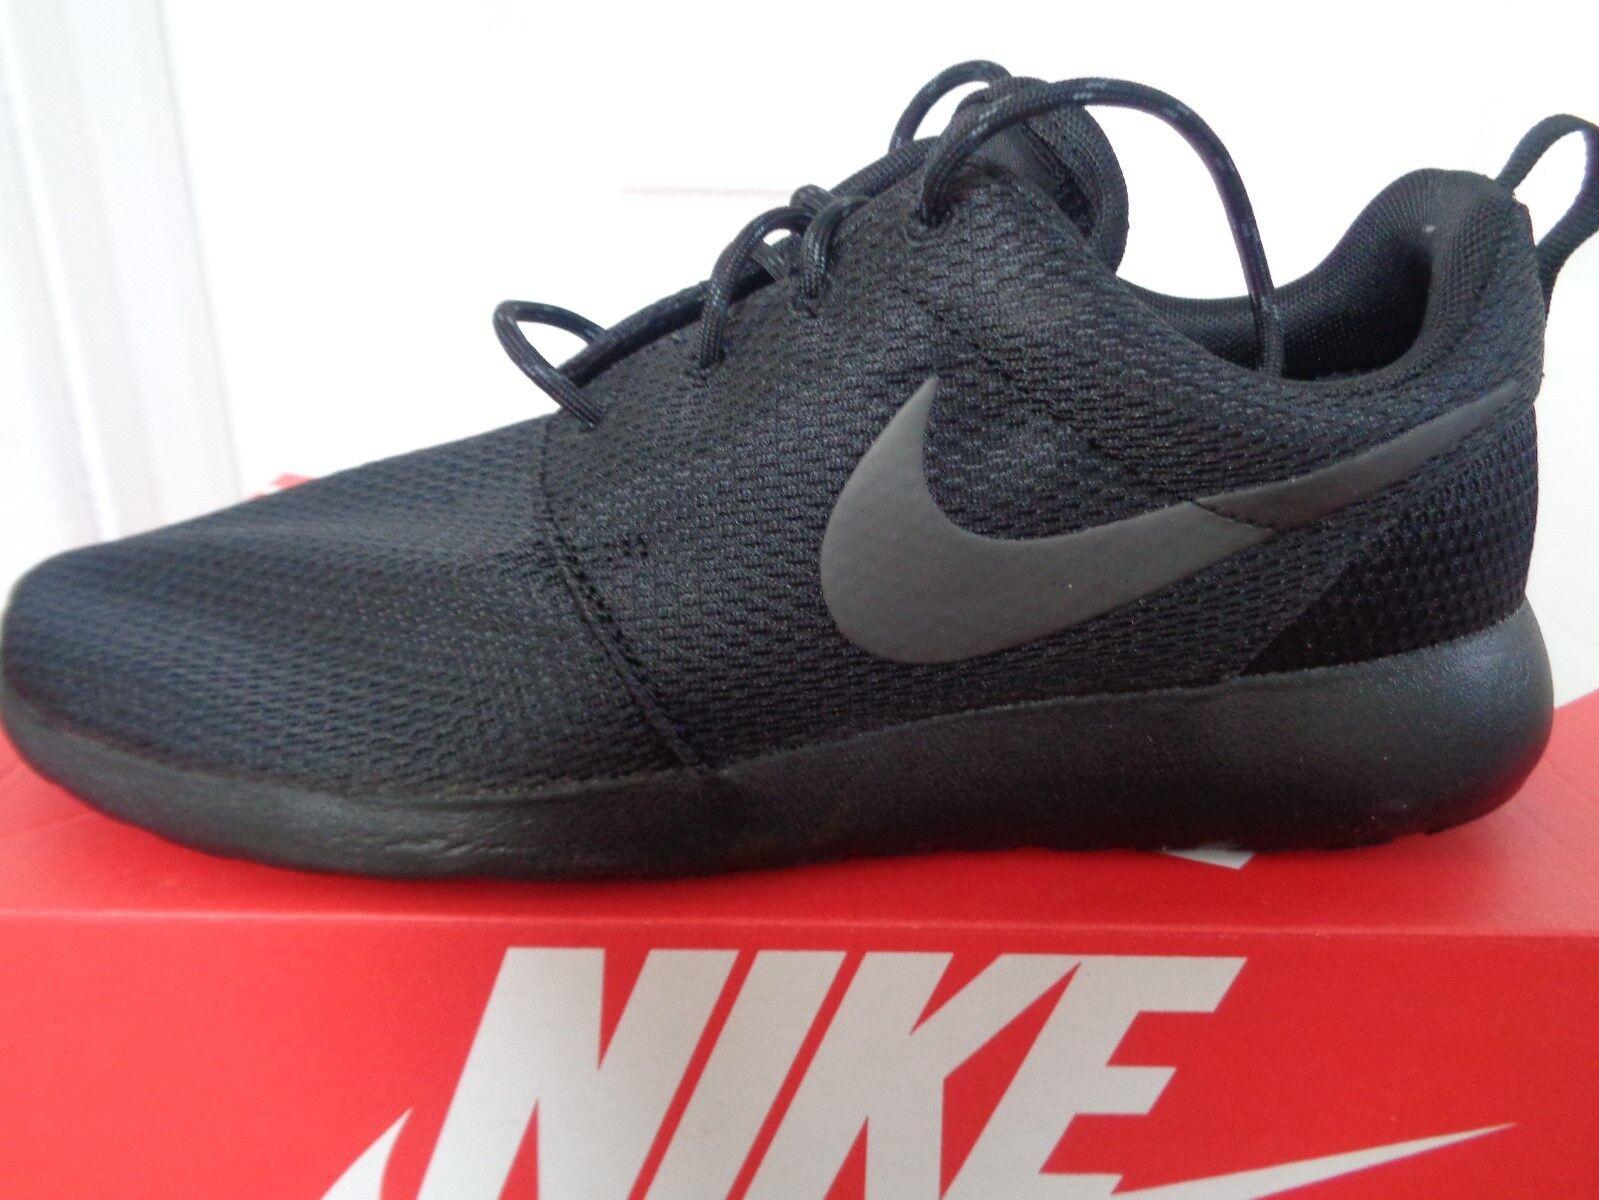 Nike Roshe One damen trainers Turnschuhe 511882 096  uk 2.5 eu 35.5 us 5 NEW+BOX